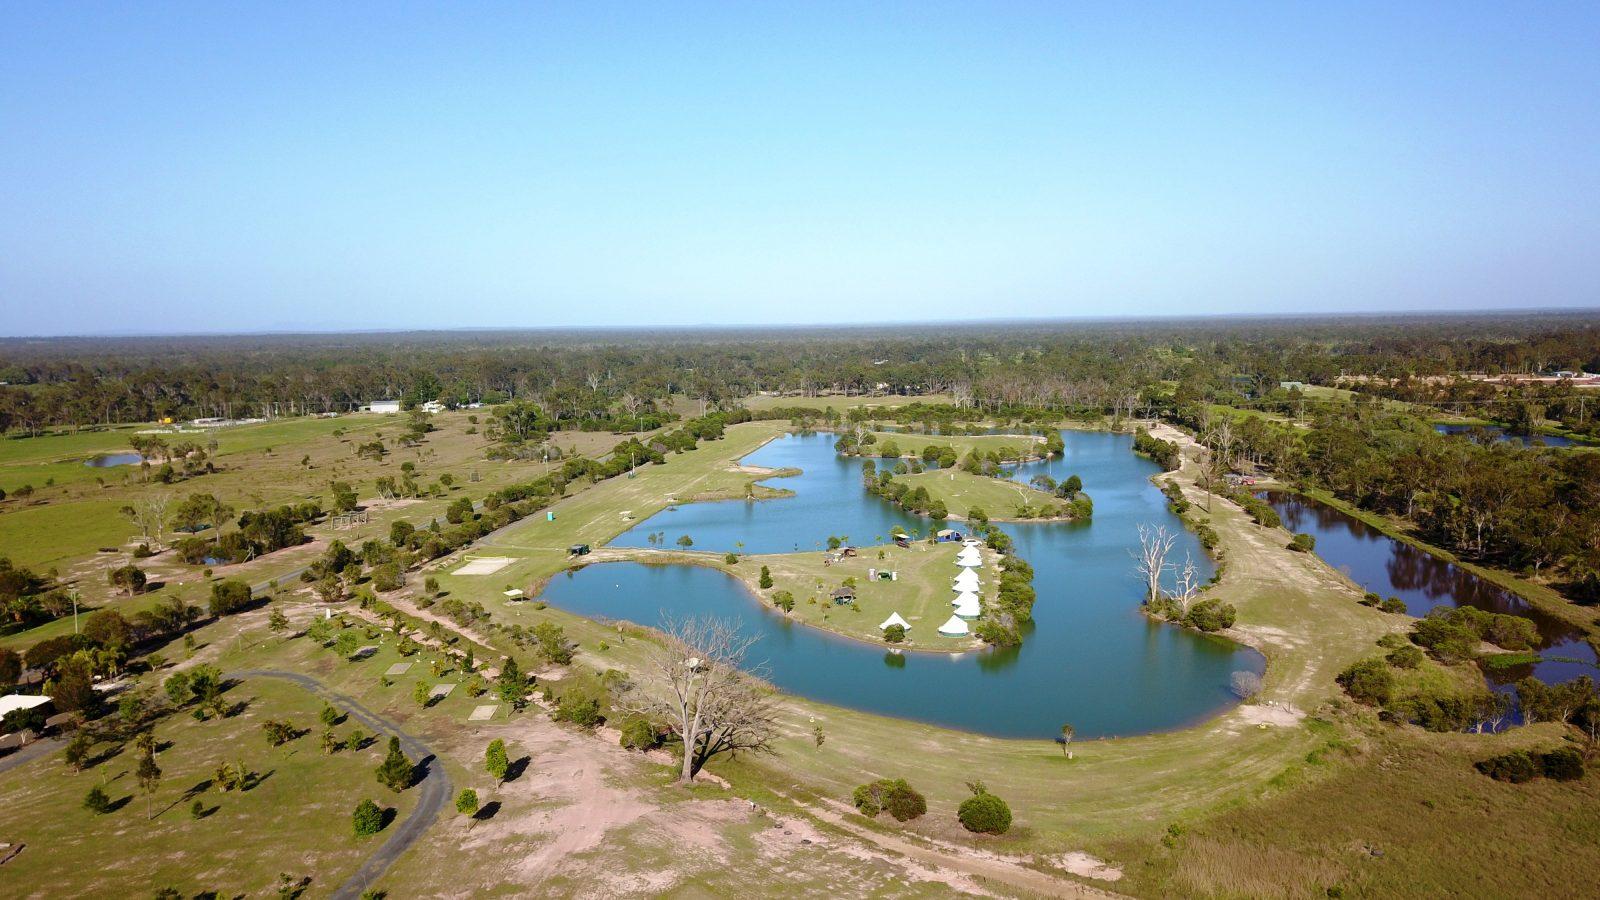 Aerial View of AAP